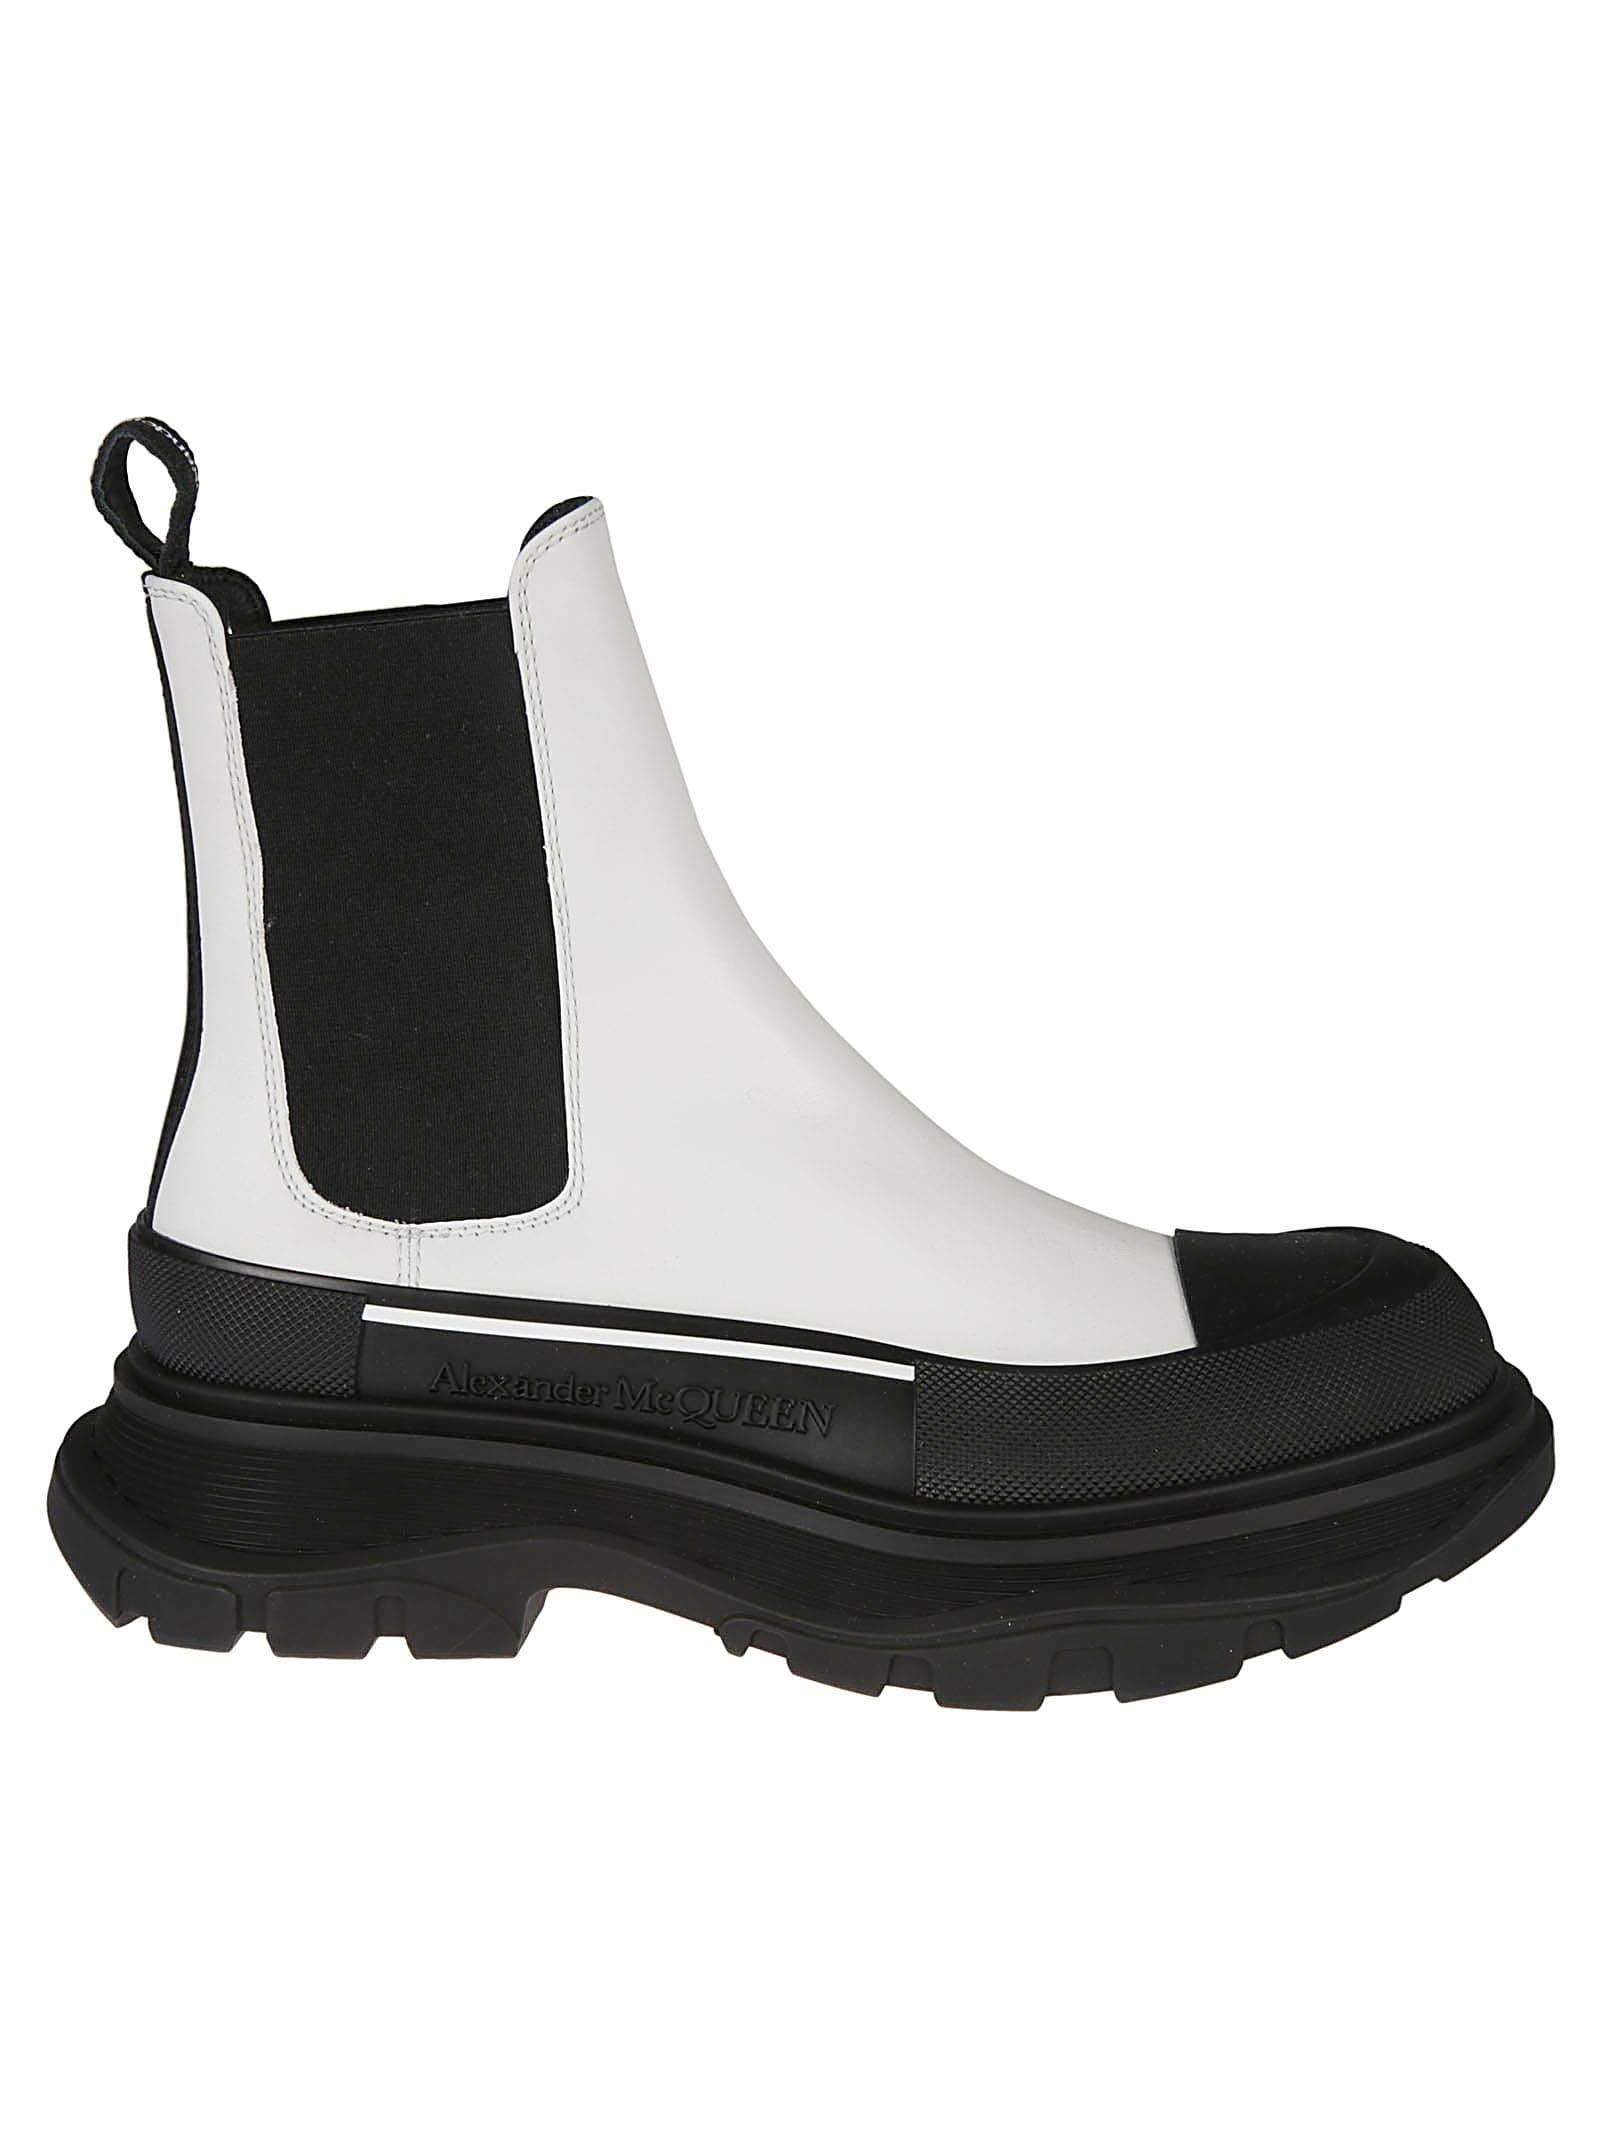 Alexander McQueen Elastic Sided Wedge Heel Sneakers